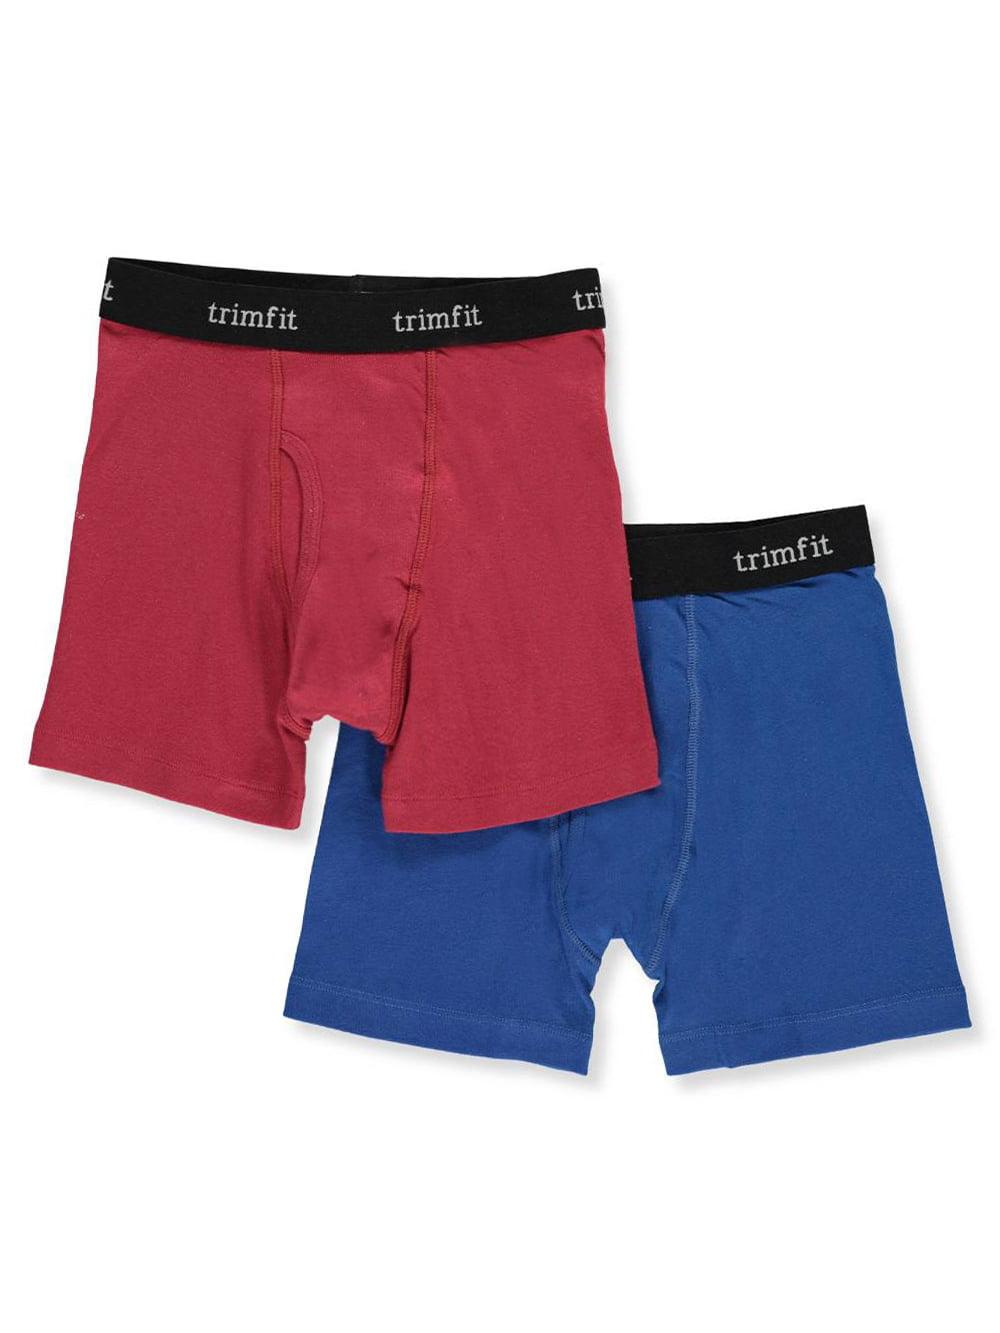 Trimfit Boys' 2-Pack Boxer Briefs